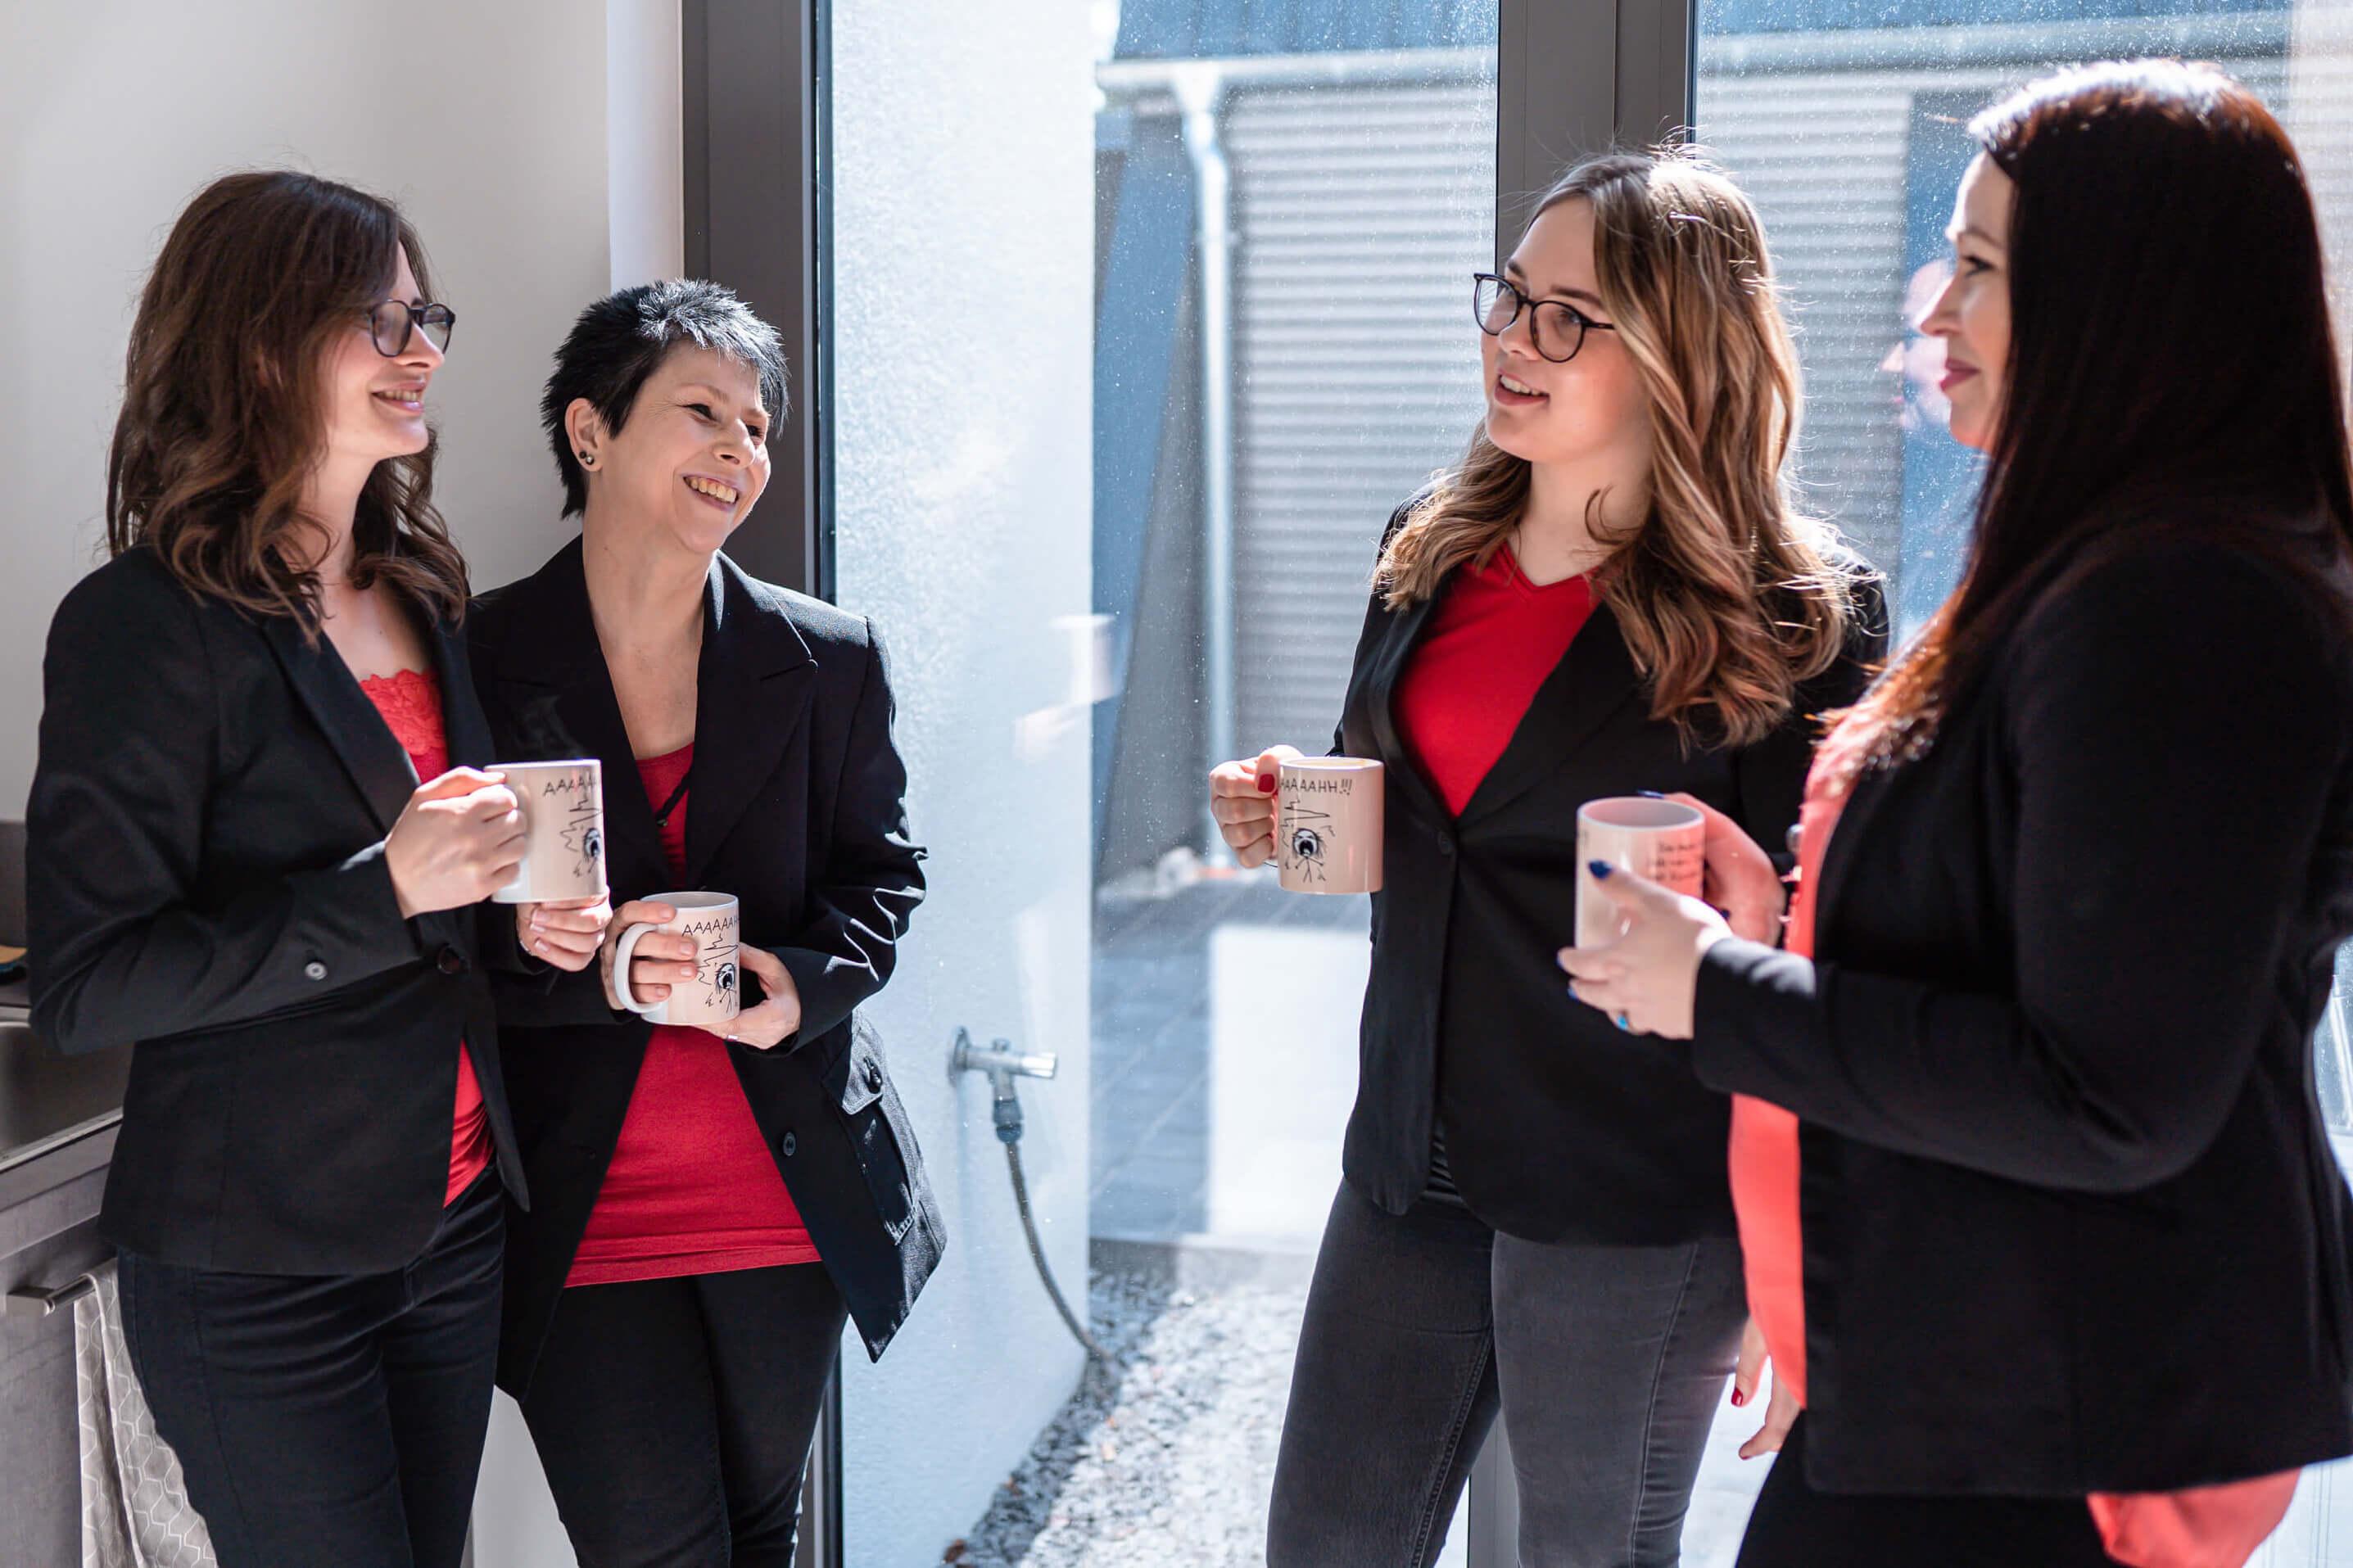 Das Team von Voltmer Immobilien trinkt zusammen einen Kaffee und lacht